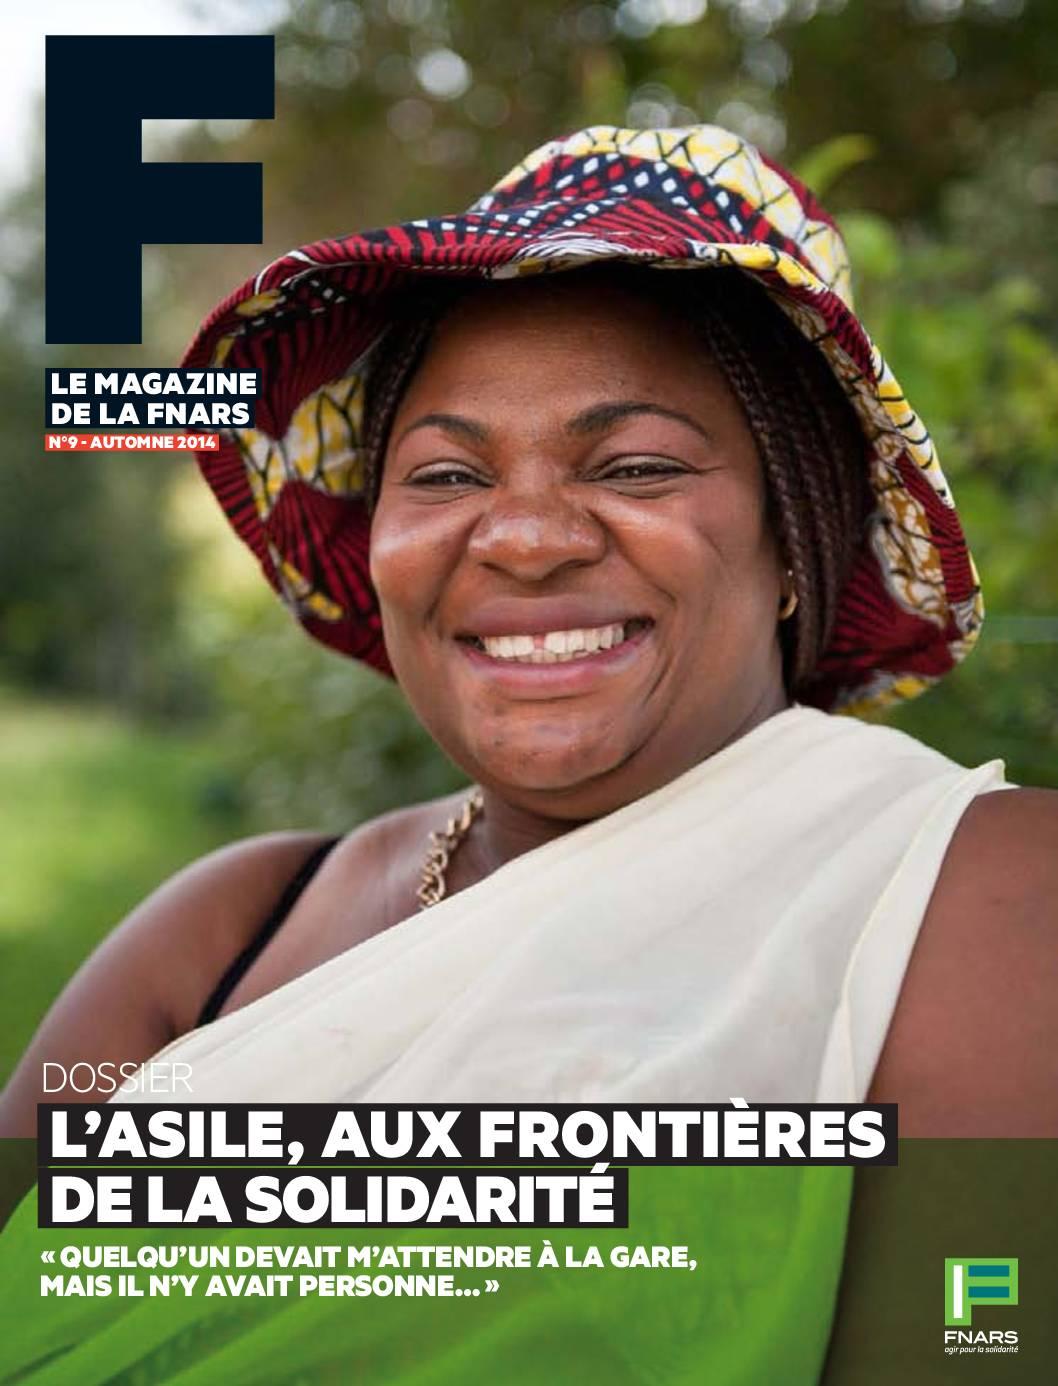 F #09 - Asile, aux frontières de la solidarité